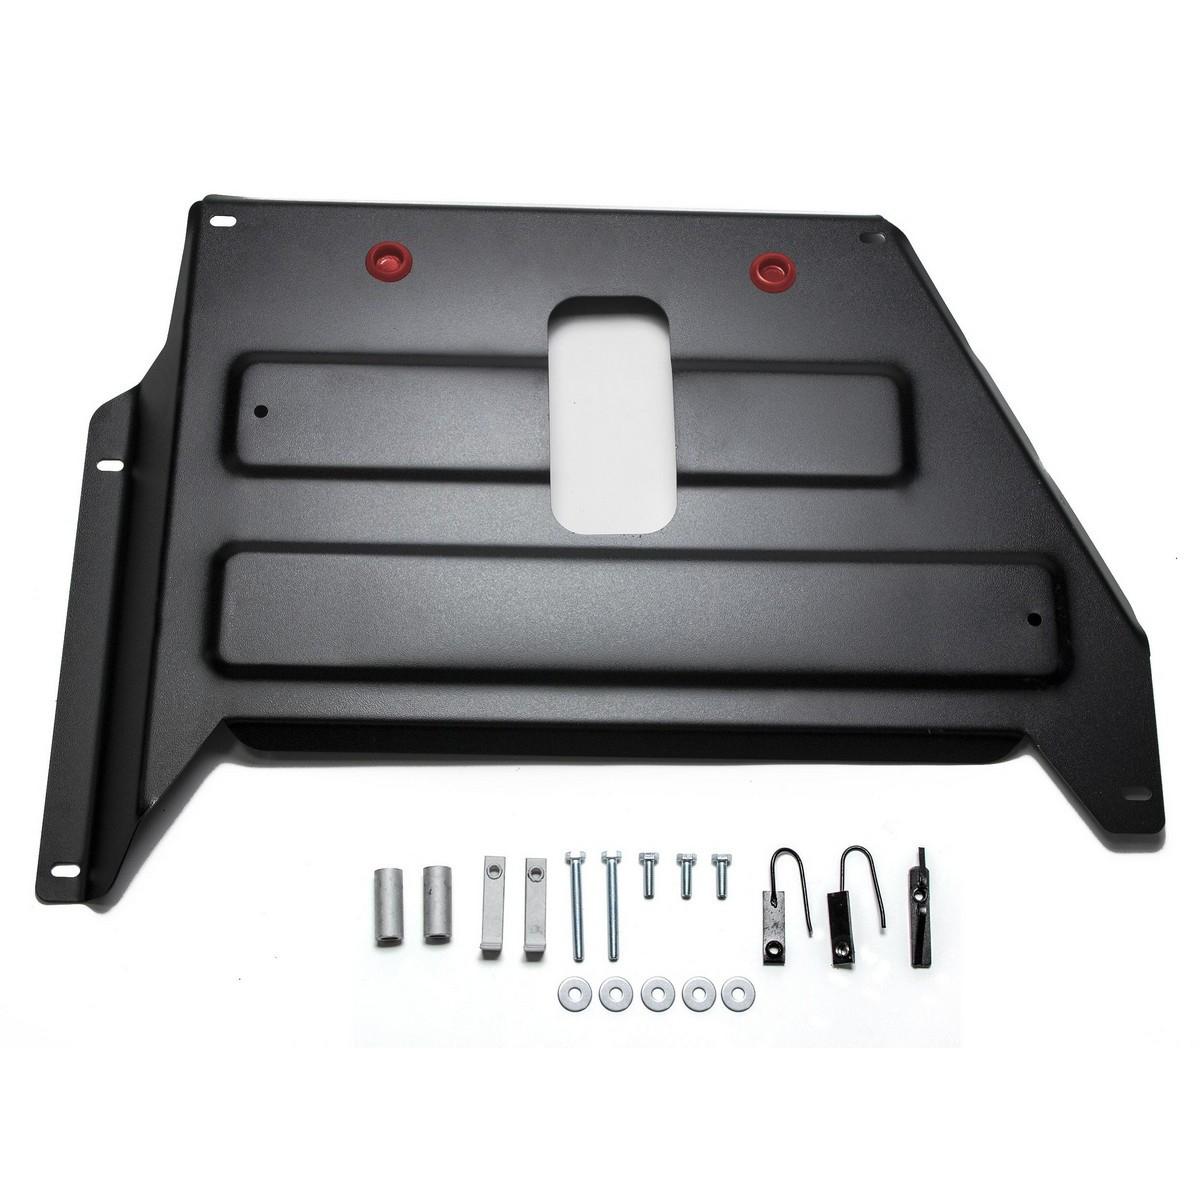 Купить Защита кислородного датчика Автоброня Nissan Terrano 2014-/Renault Duster 2015-/Renault Kaptur 4x4 2016-, сталь 2 мм